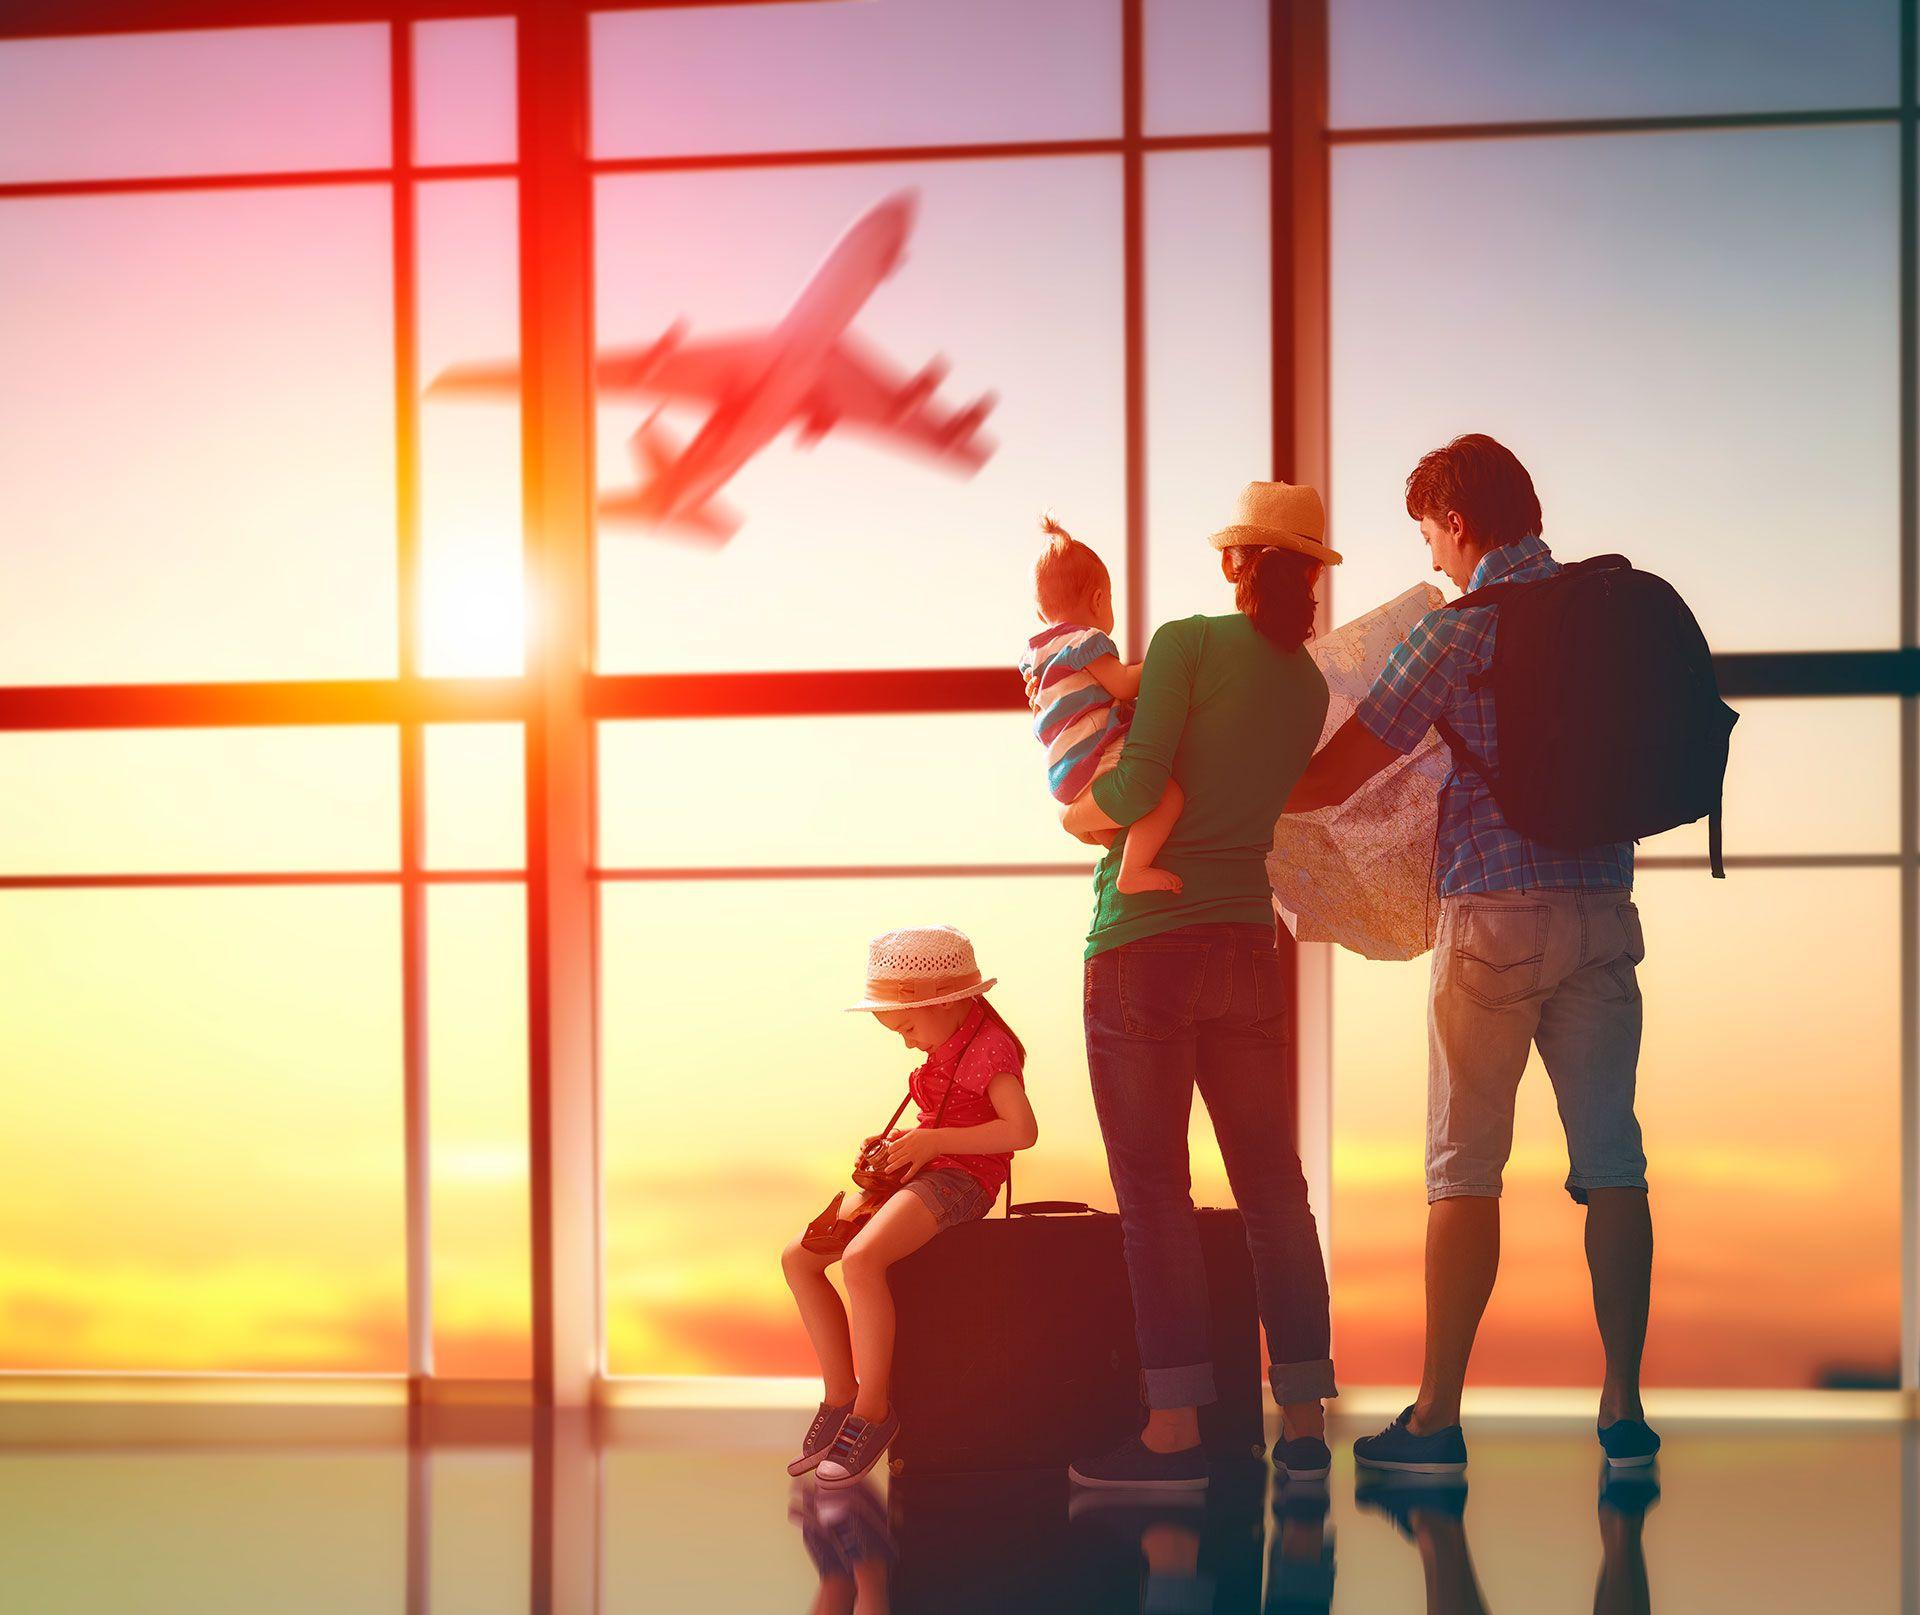 Se vienen las vacaciones de invierno. Claves para viajar barato en familia en avión (Shutterstock)